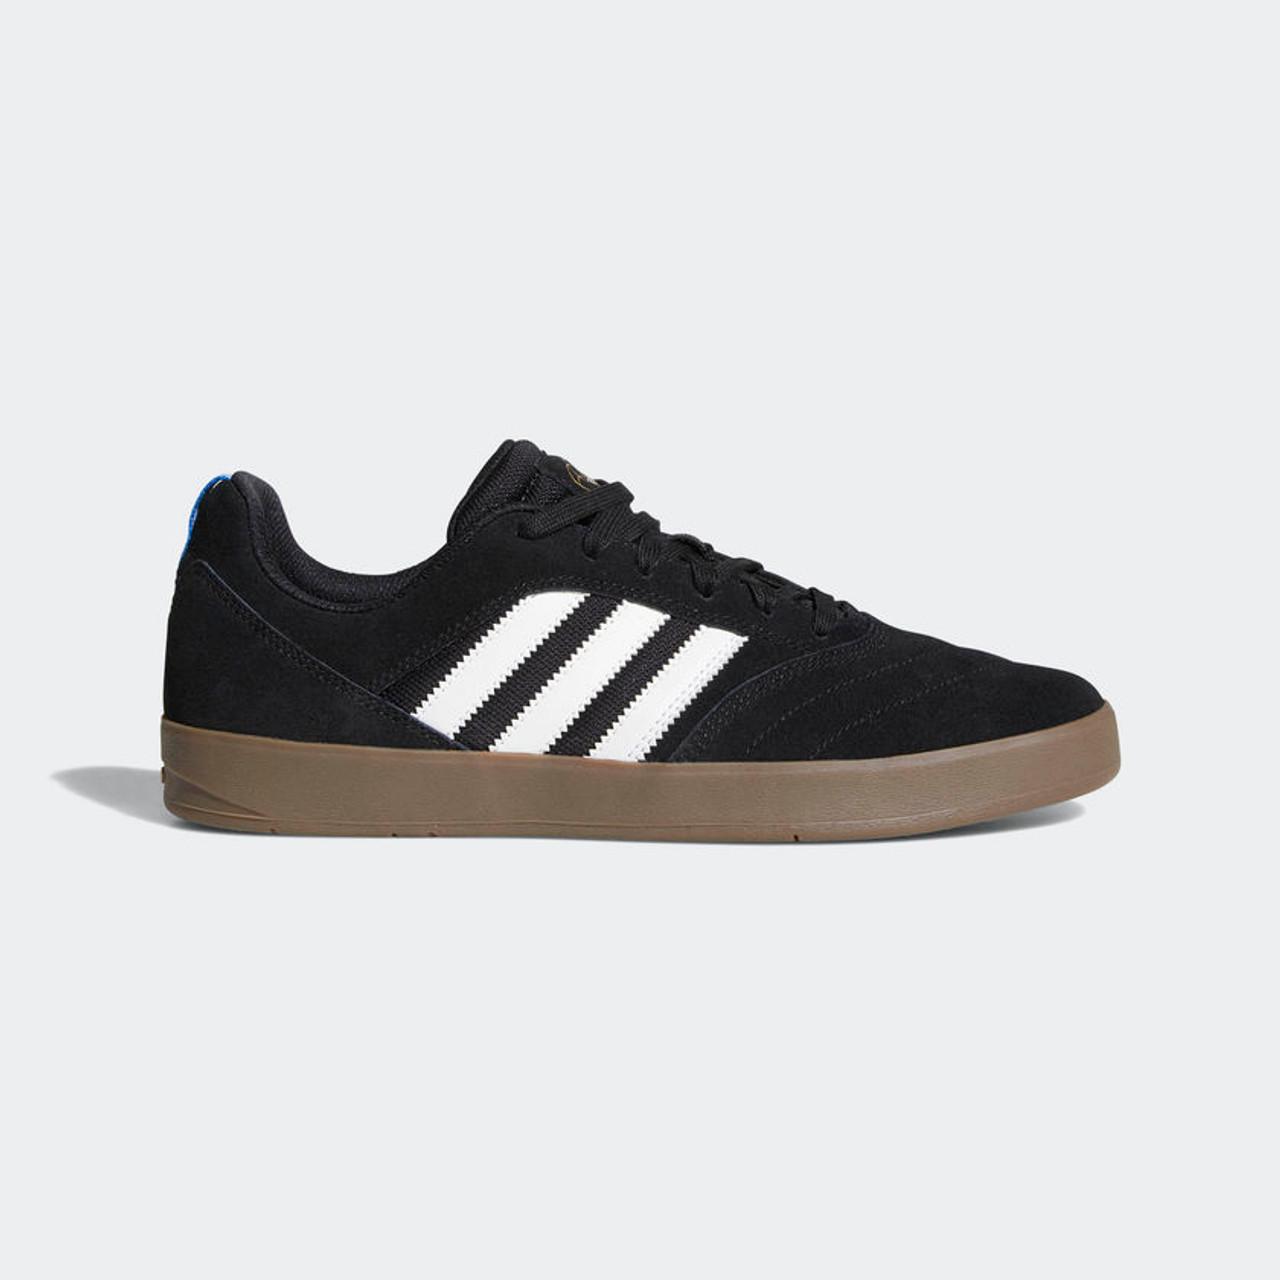 Adidas Suciu Adv Ii Shoes Black White